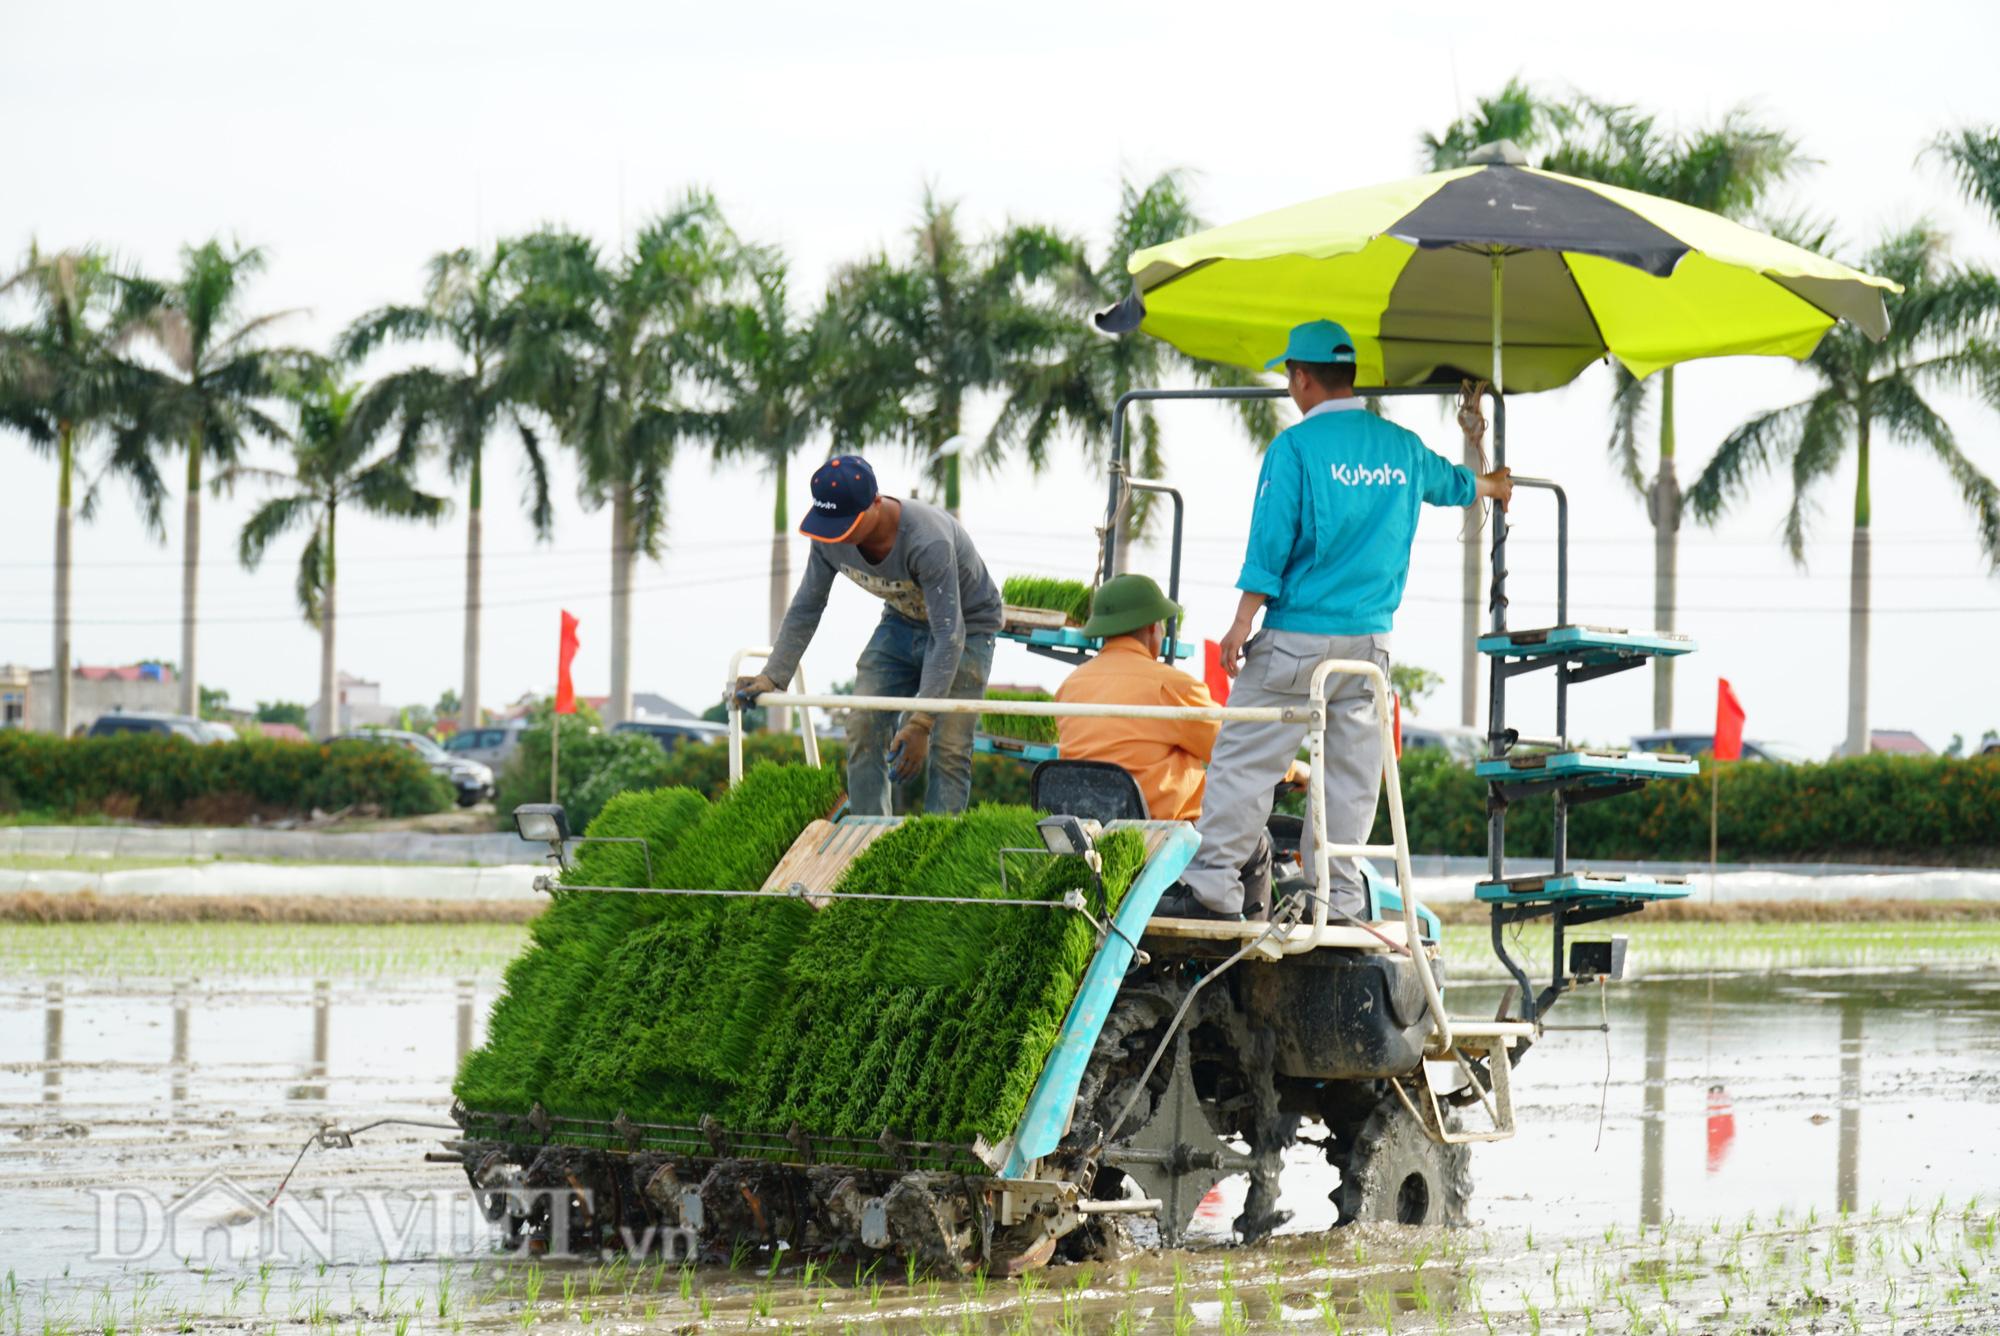 Hải Dương: Lần đầu tiên trình diễn máy cấy lúa trên đồng ruộng - Ảnh 10.